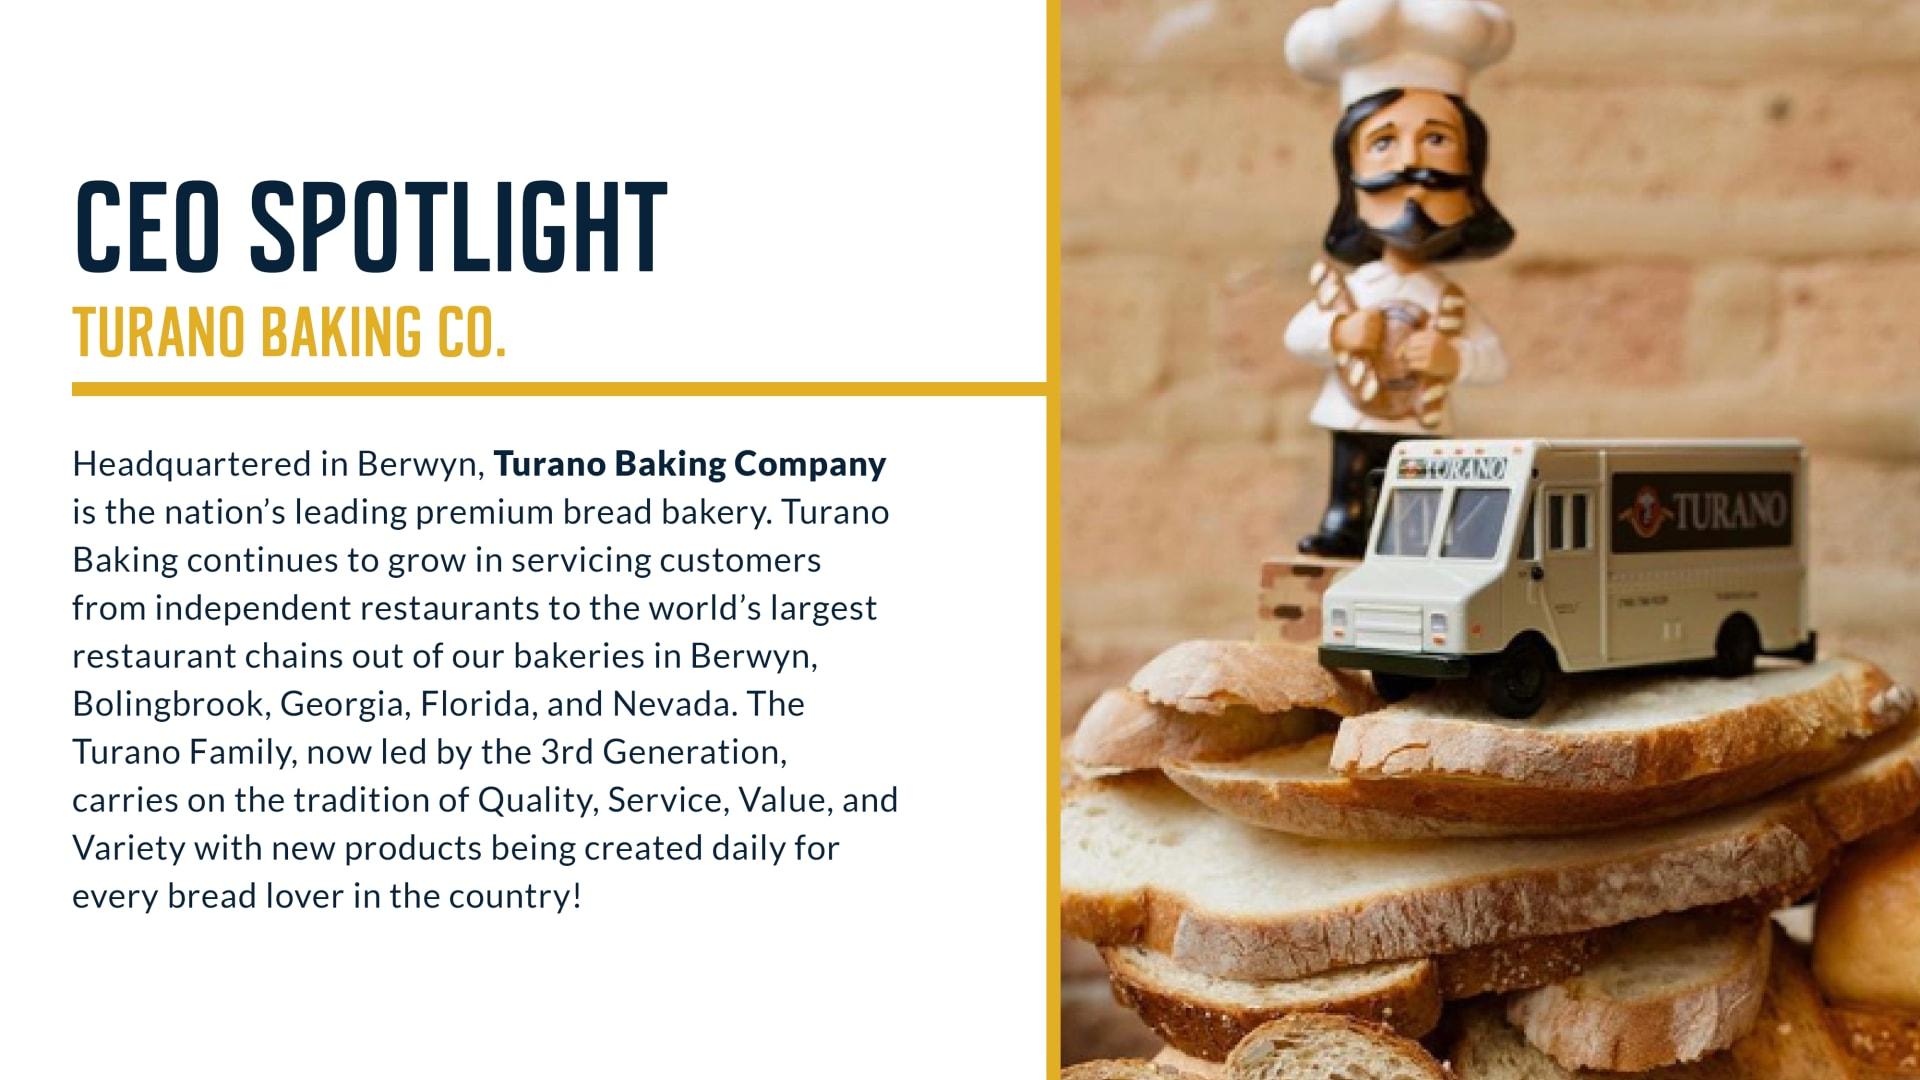 CEO-Spotlights-5-w1920.jpg